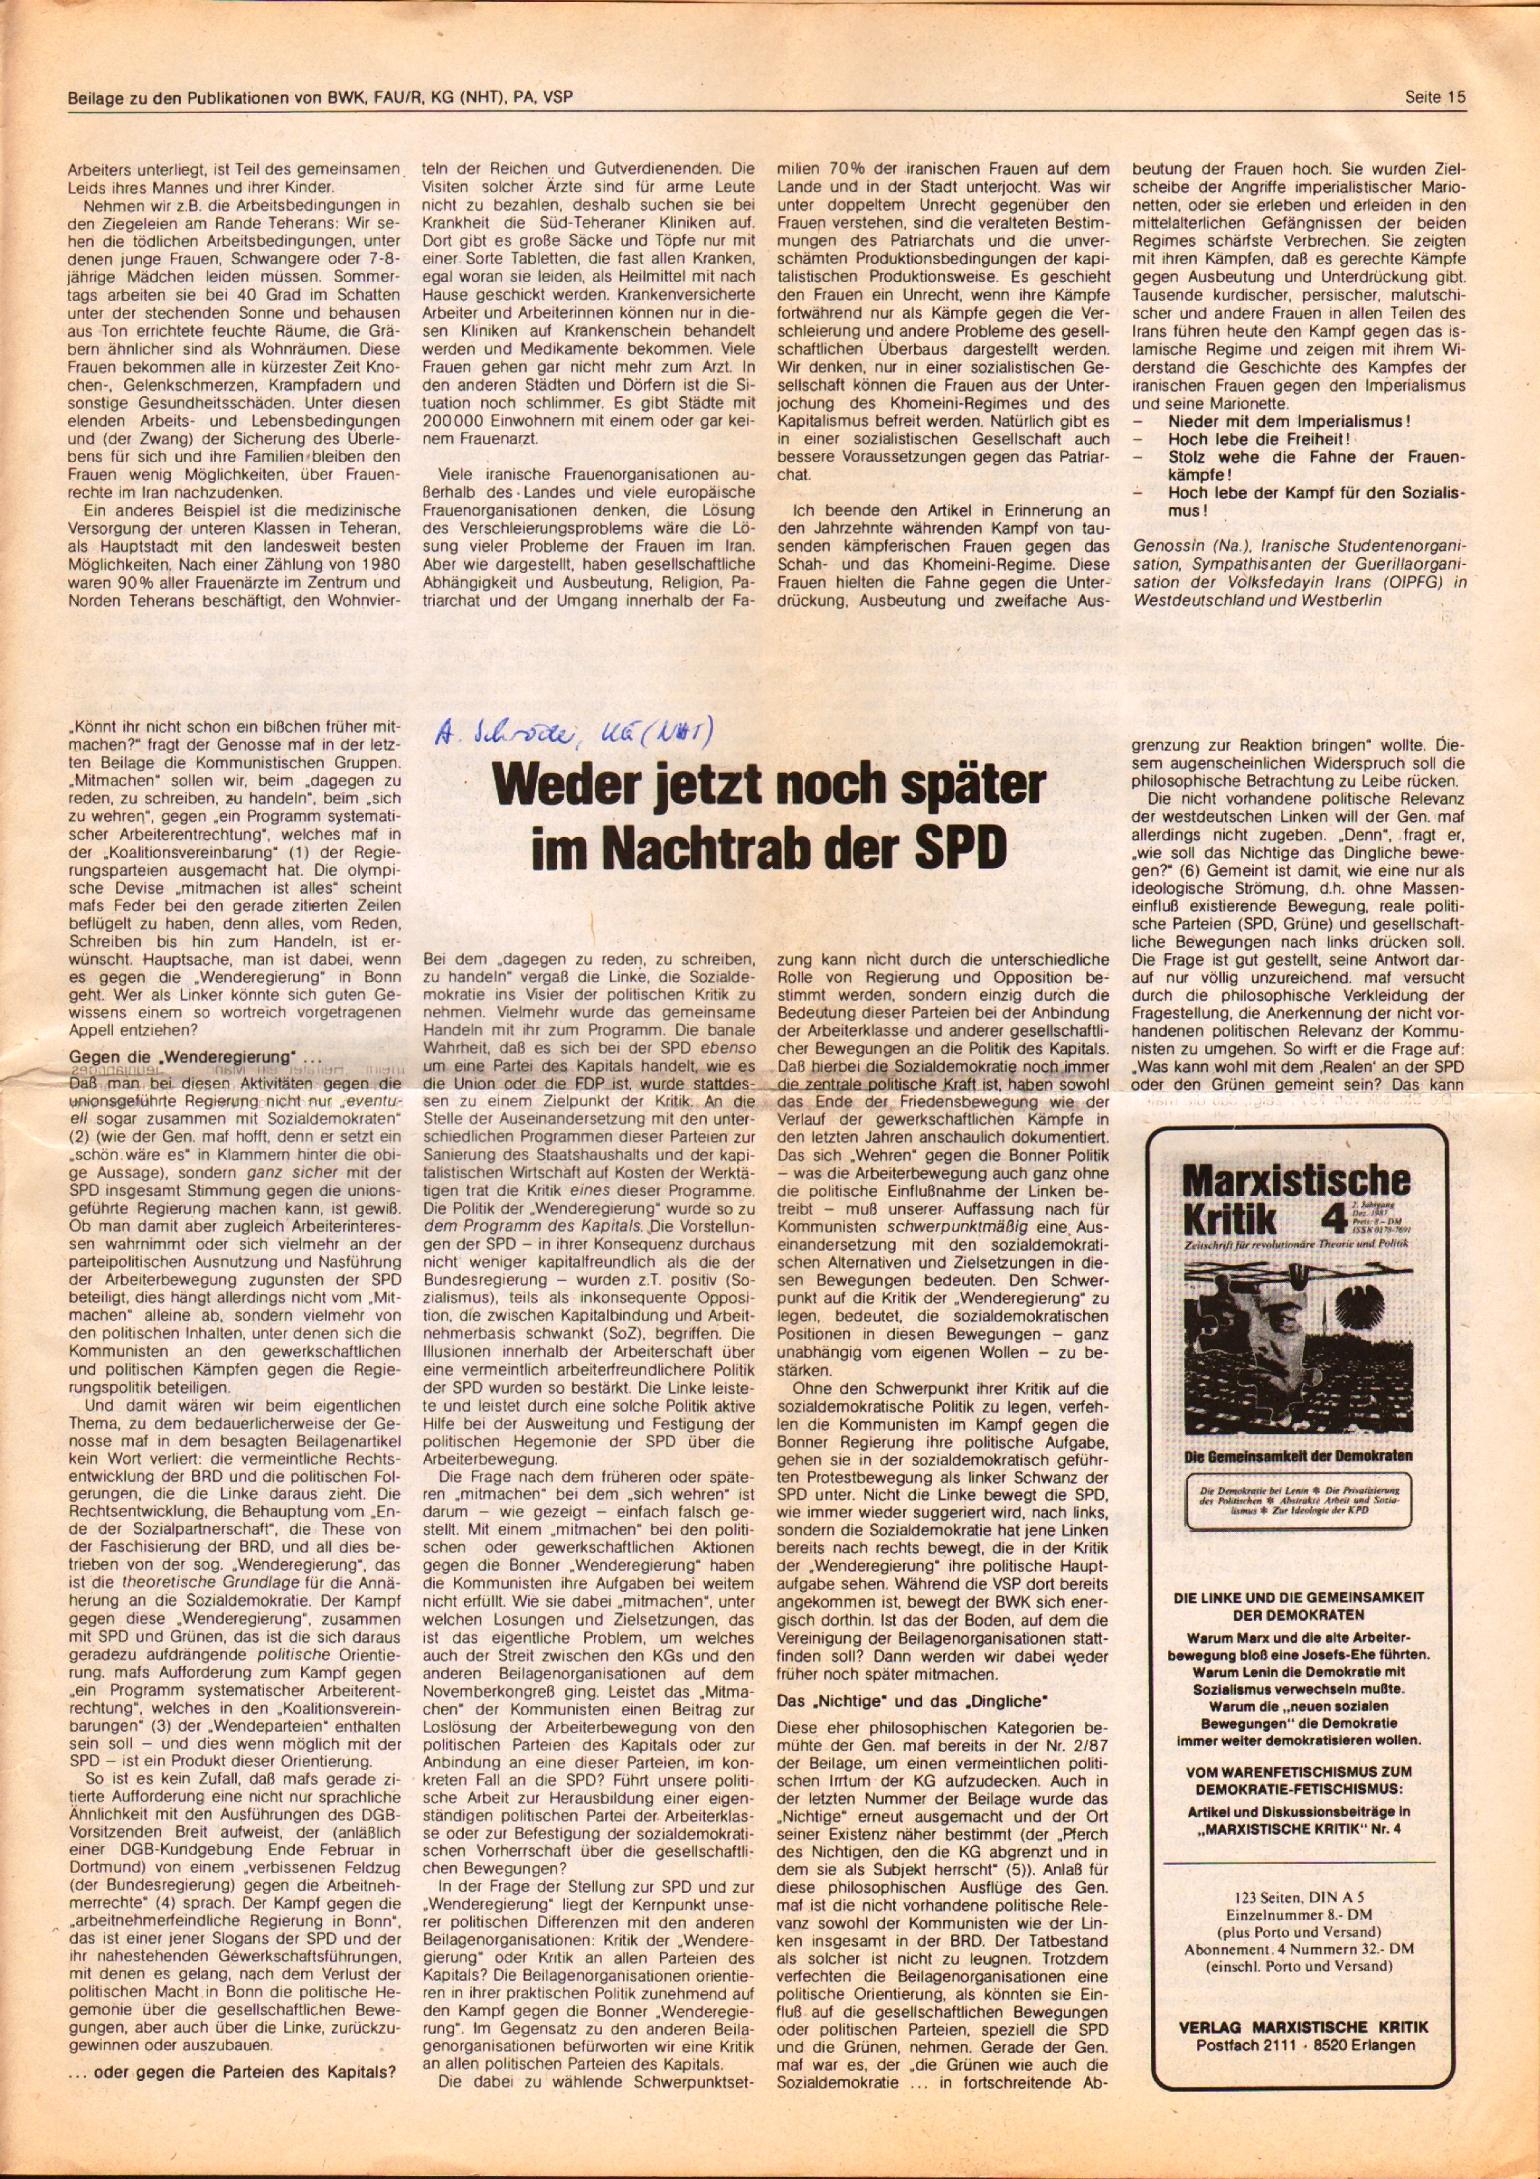 Gemeinsame_Beilage_1988_01_15